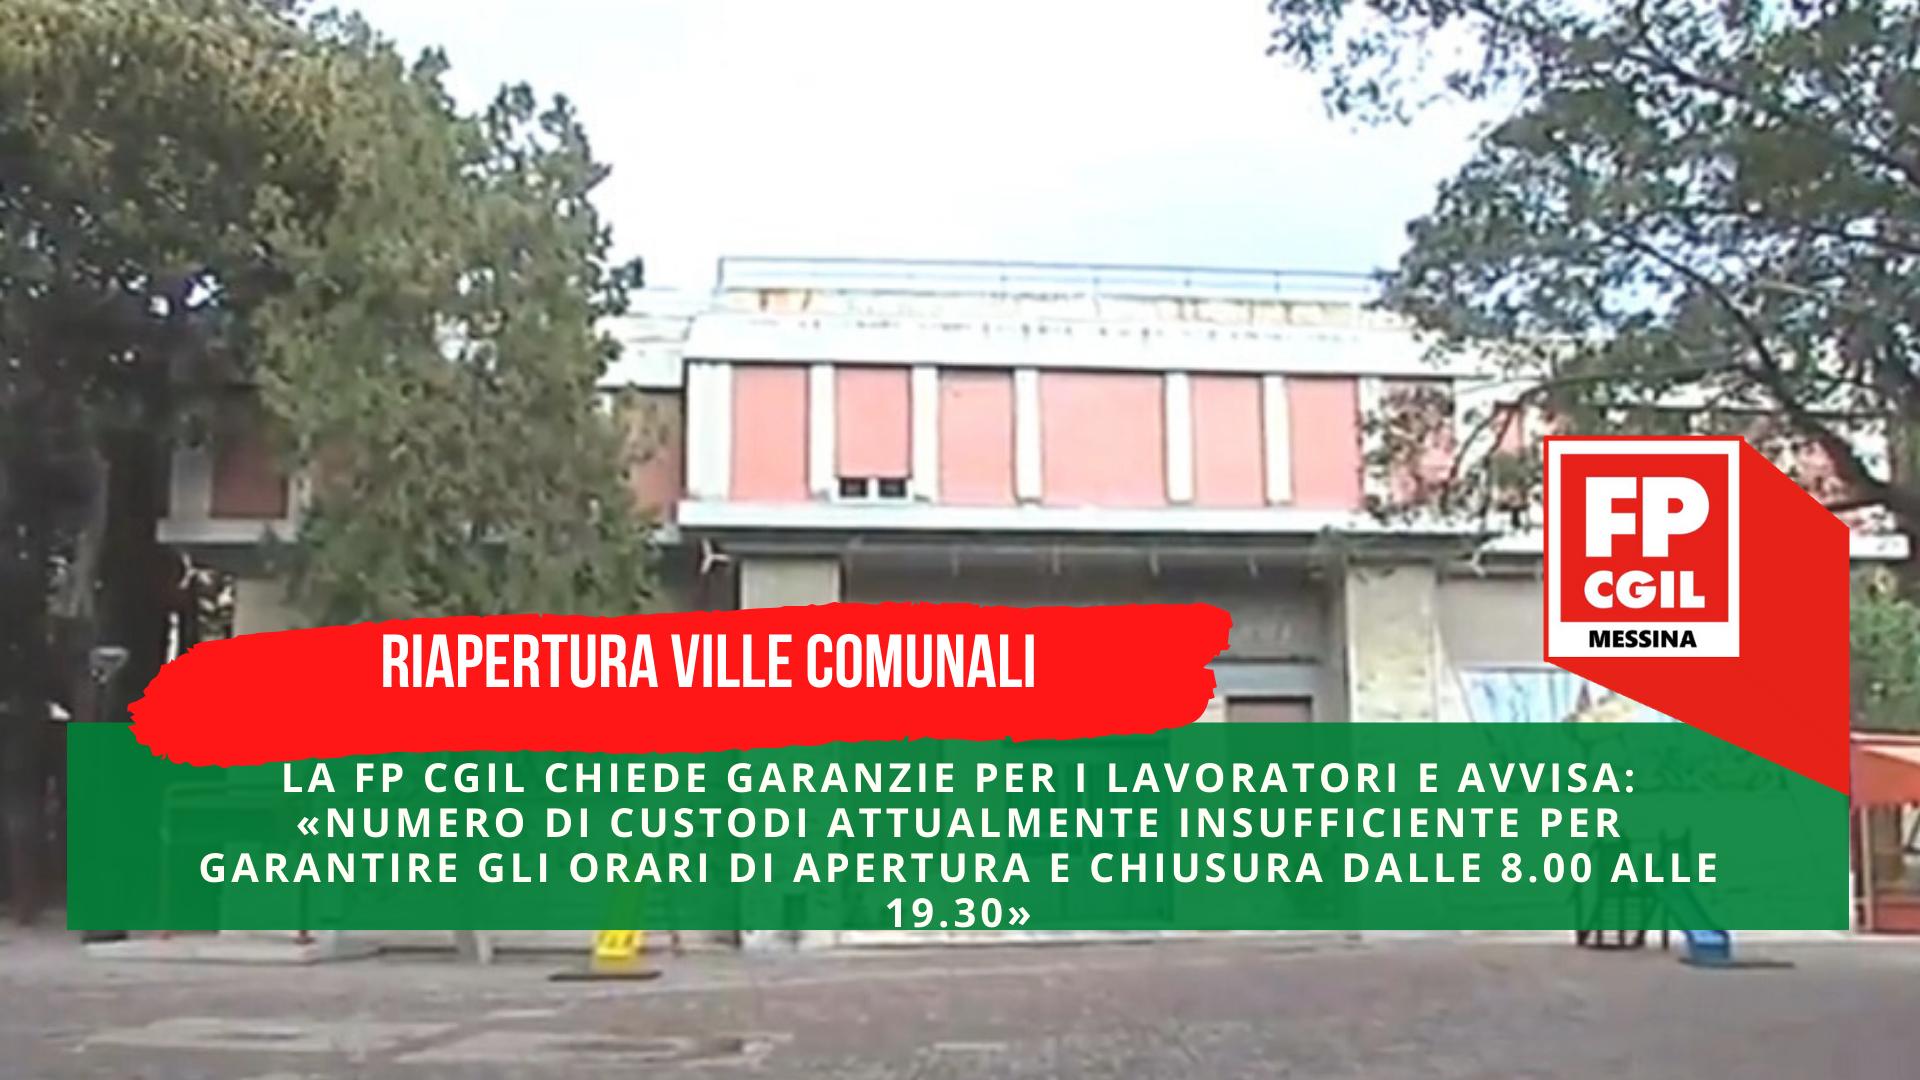 Riapertura ville comunali, la FP CGIL chiede garanzie per i lavoratori e avvisa: «Numero di custodi attualmente insufficiente per garantire gli orari di apertura e chiusura dalle 8.00 alle 19.30»